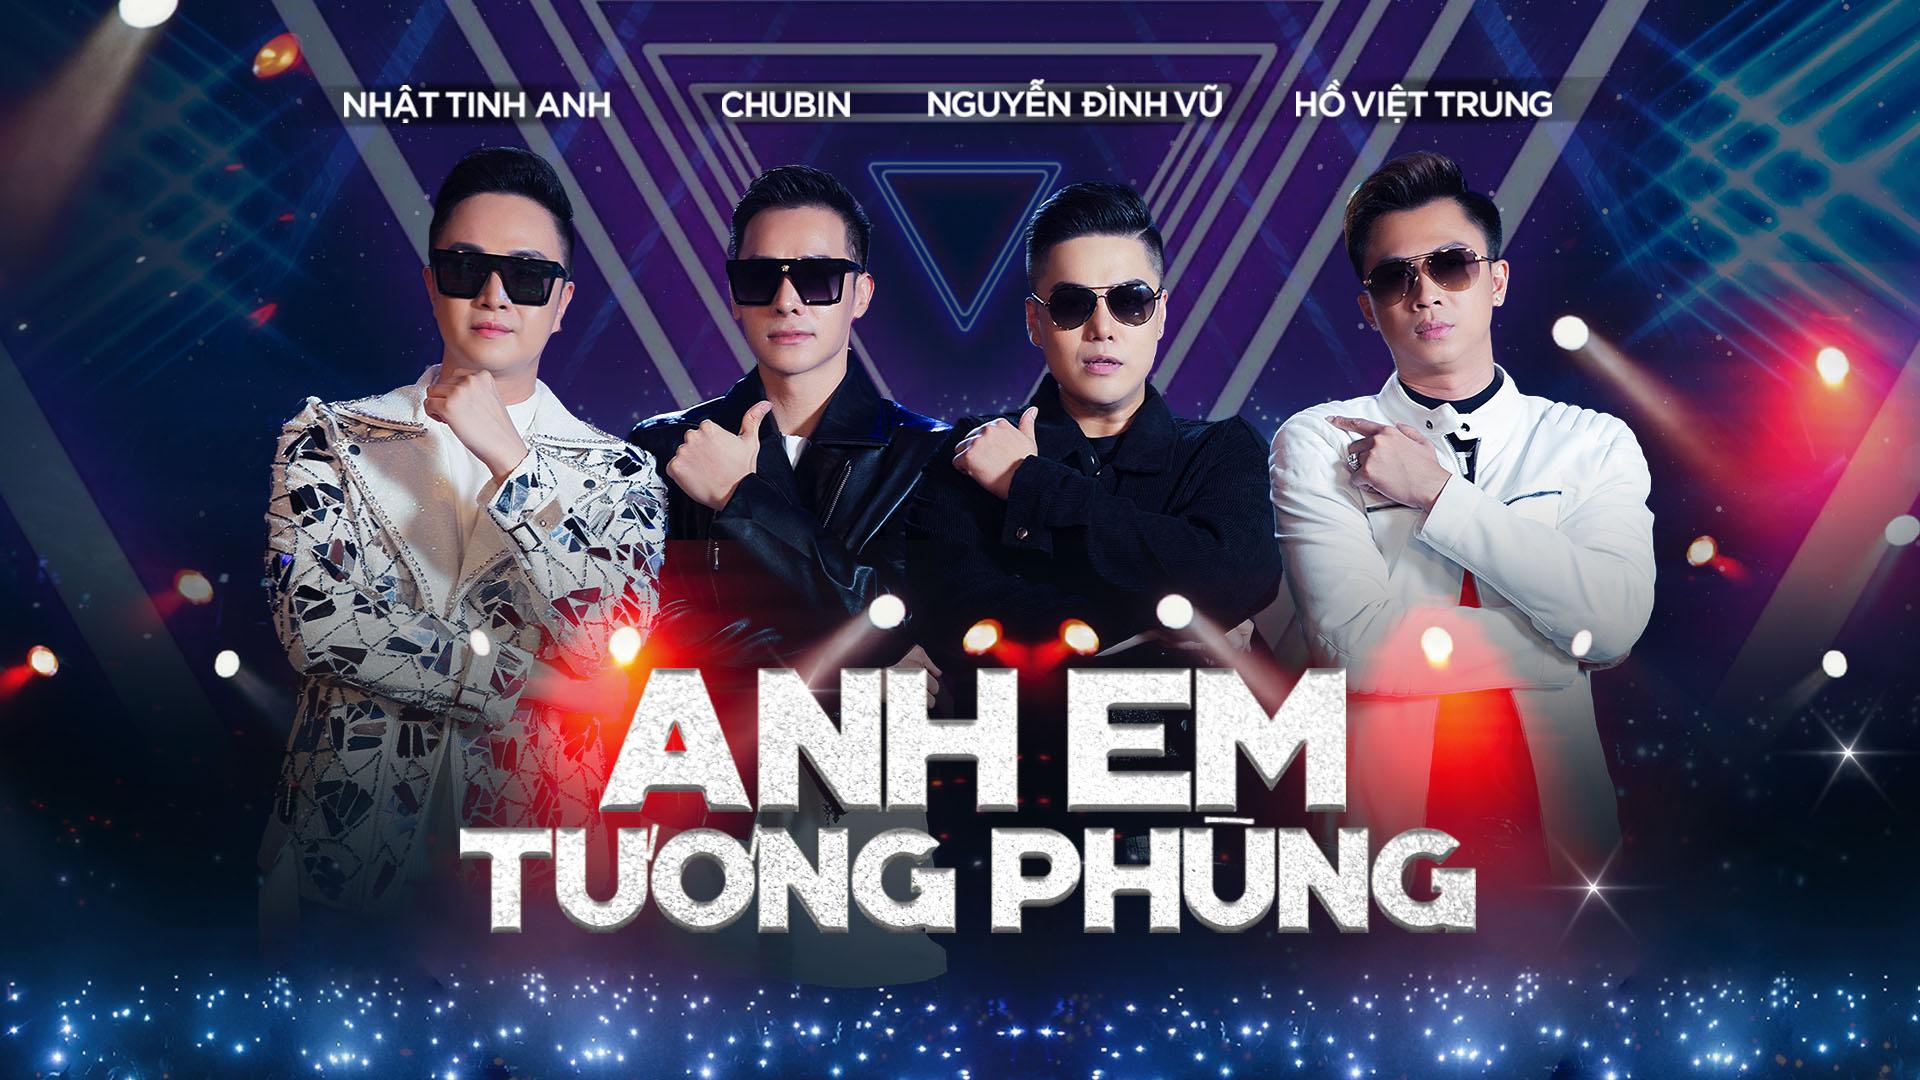 Anh Em Tương Phùng - Nhật Tinh Anh, Chu Bin, Nguyễn Đình Vũ, Hồ Việt Trung